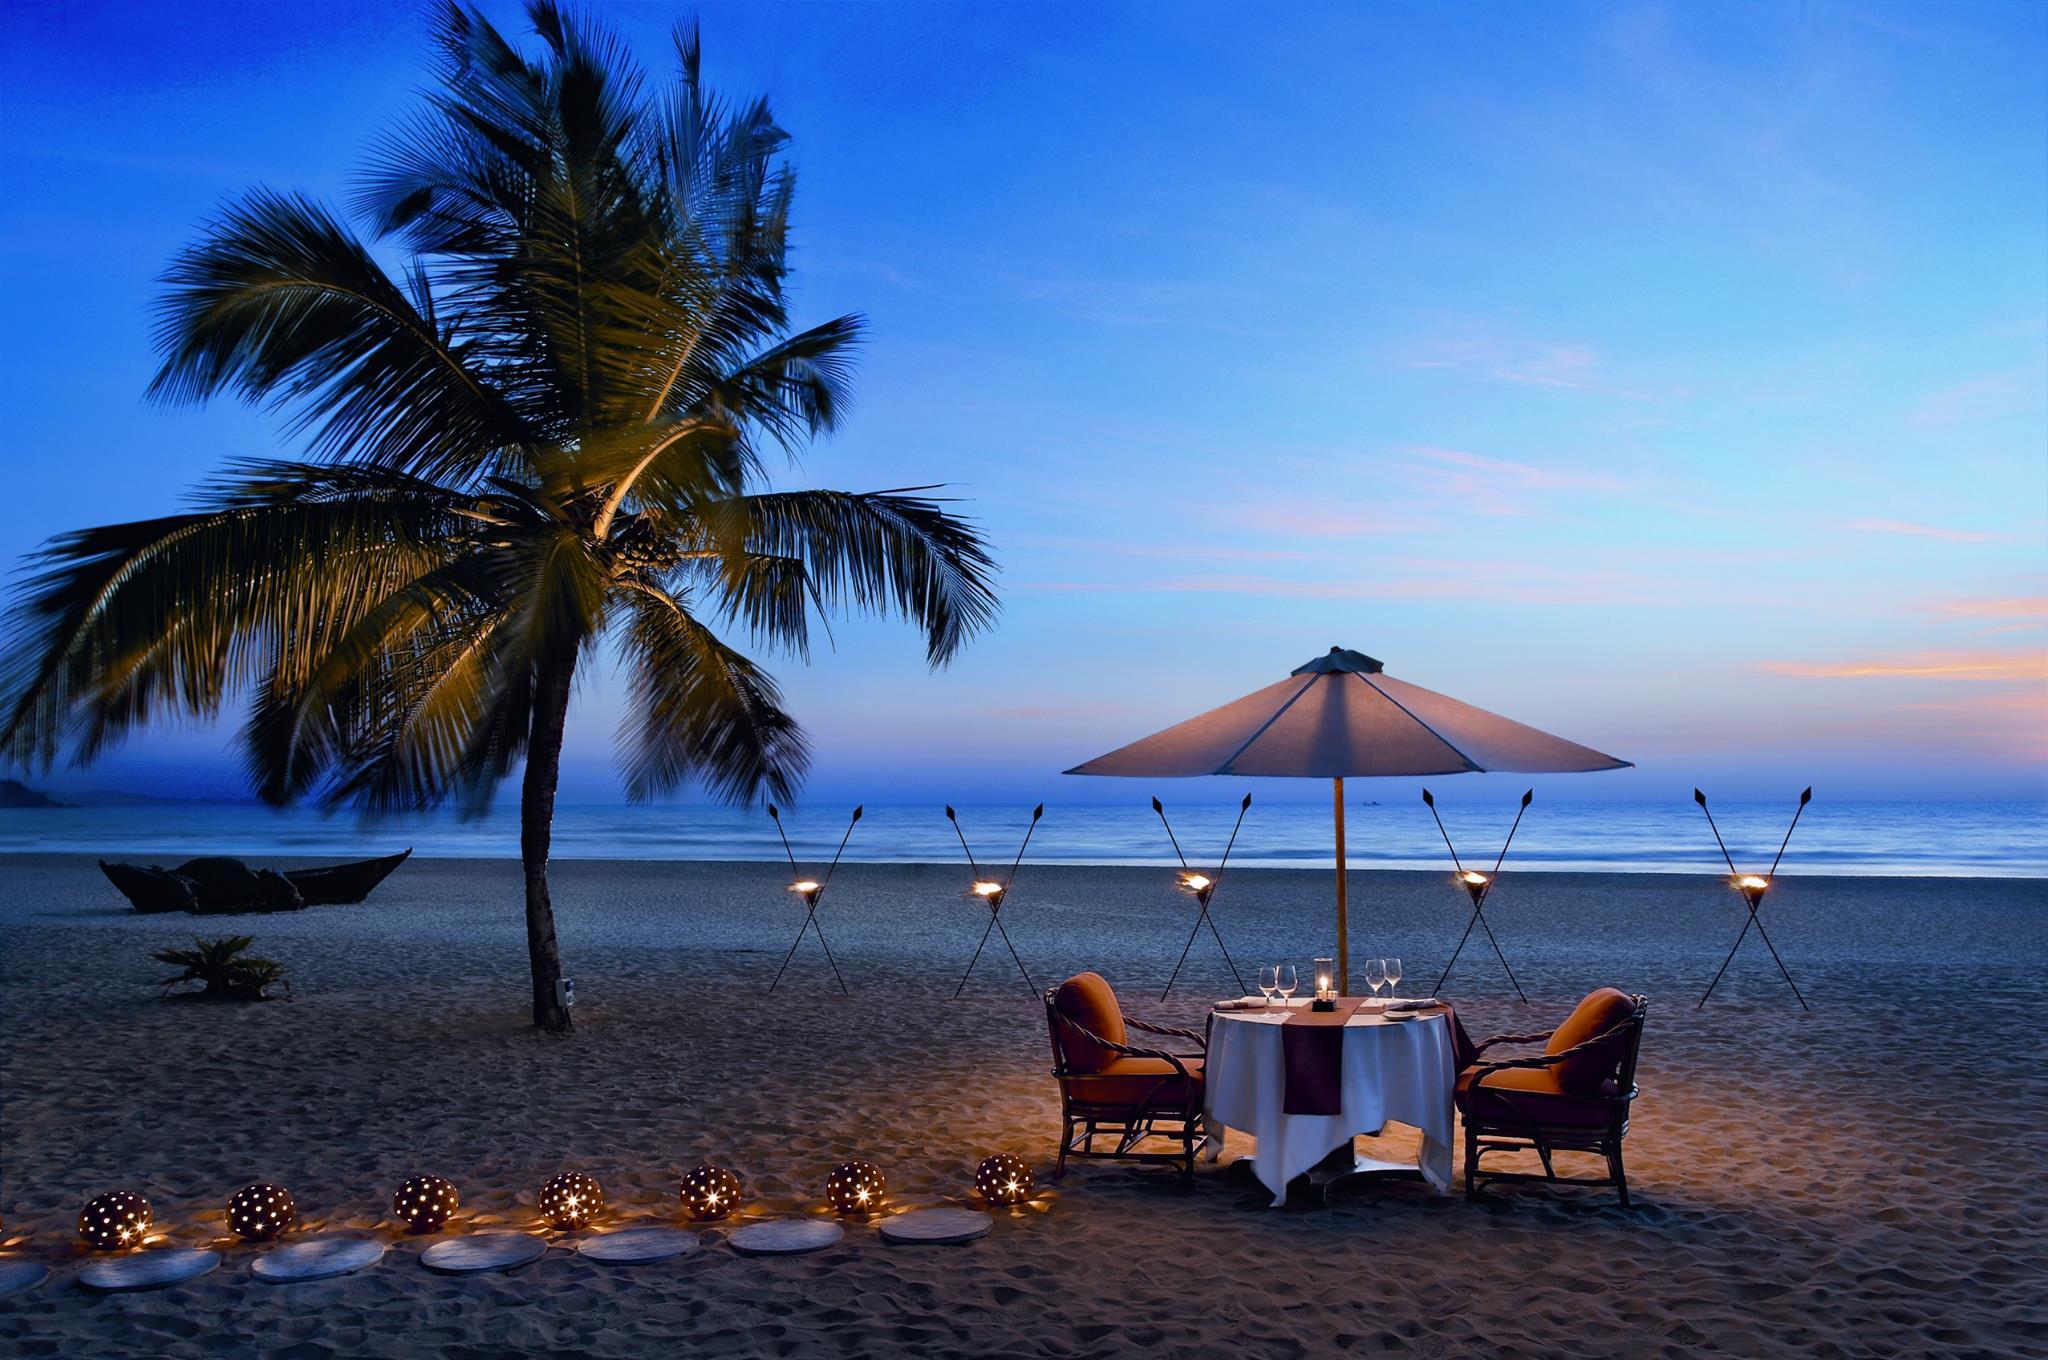 The Leela Goa Beach Resort